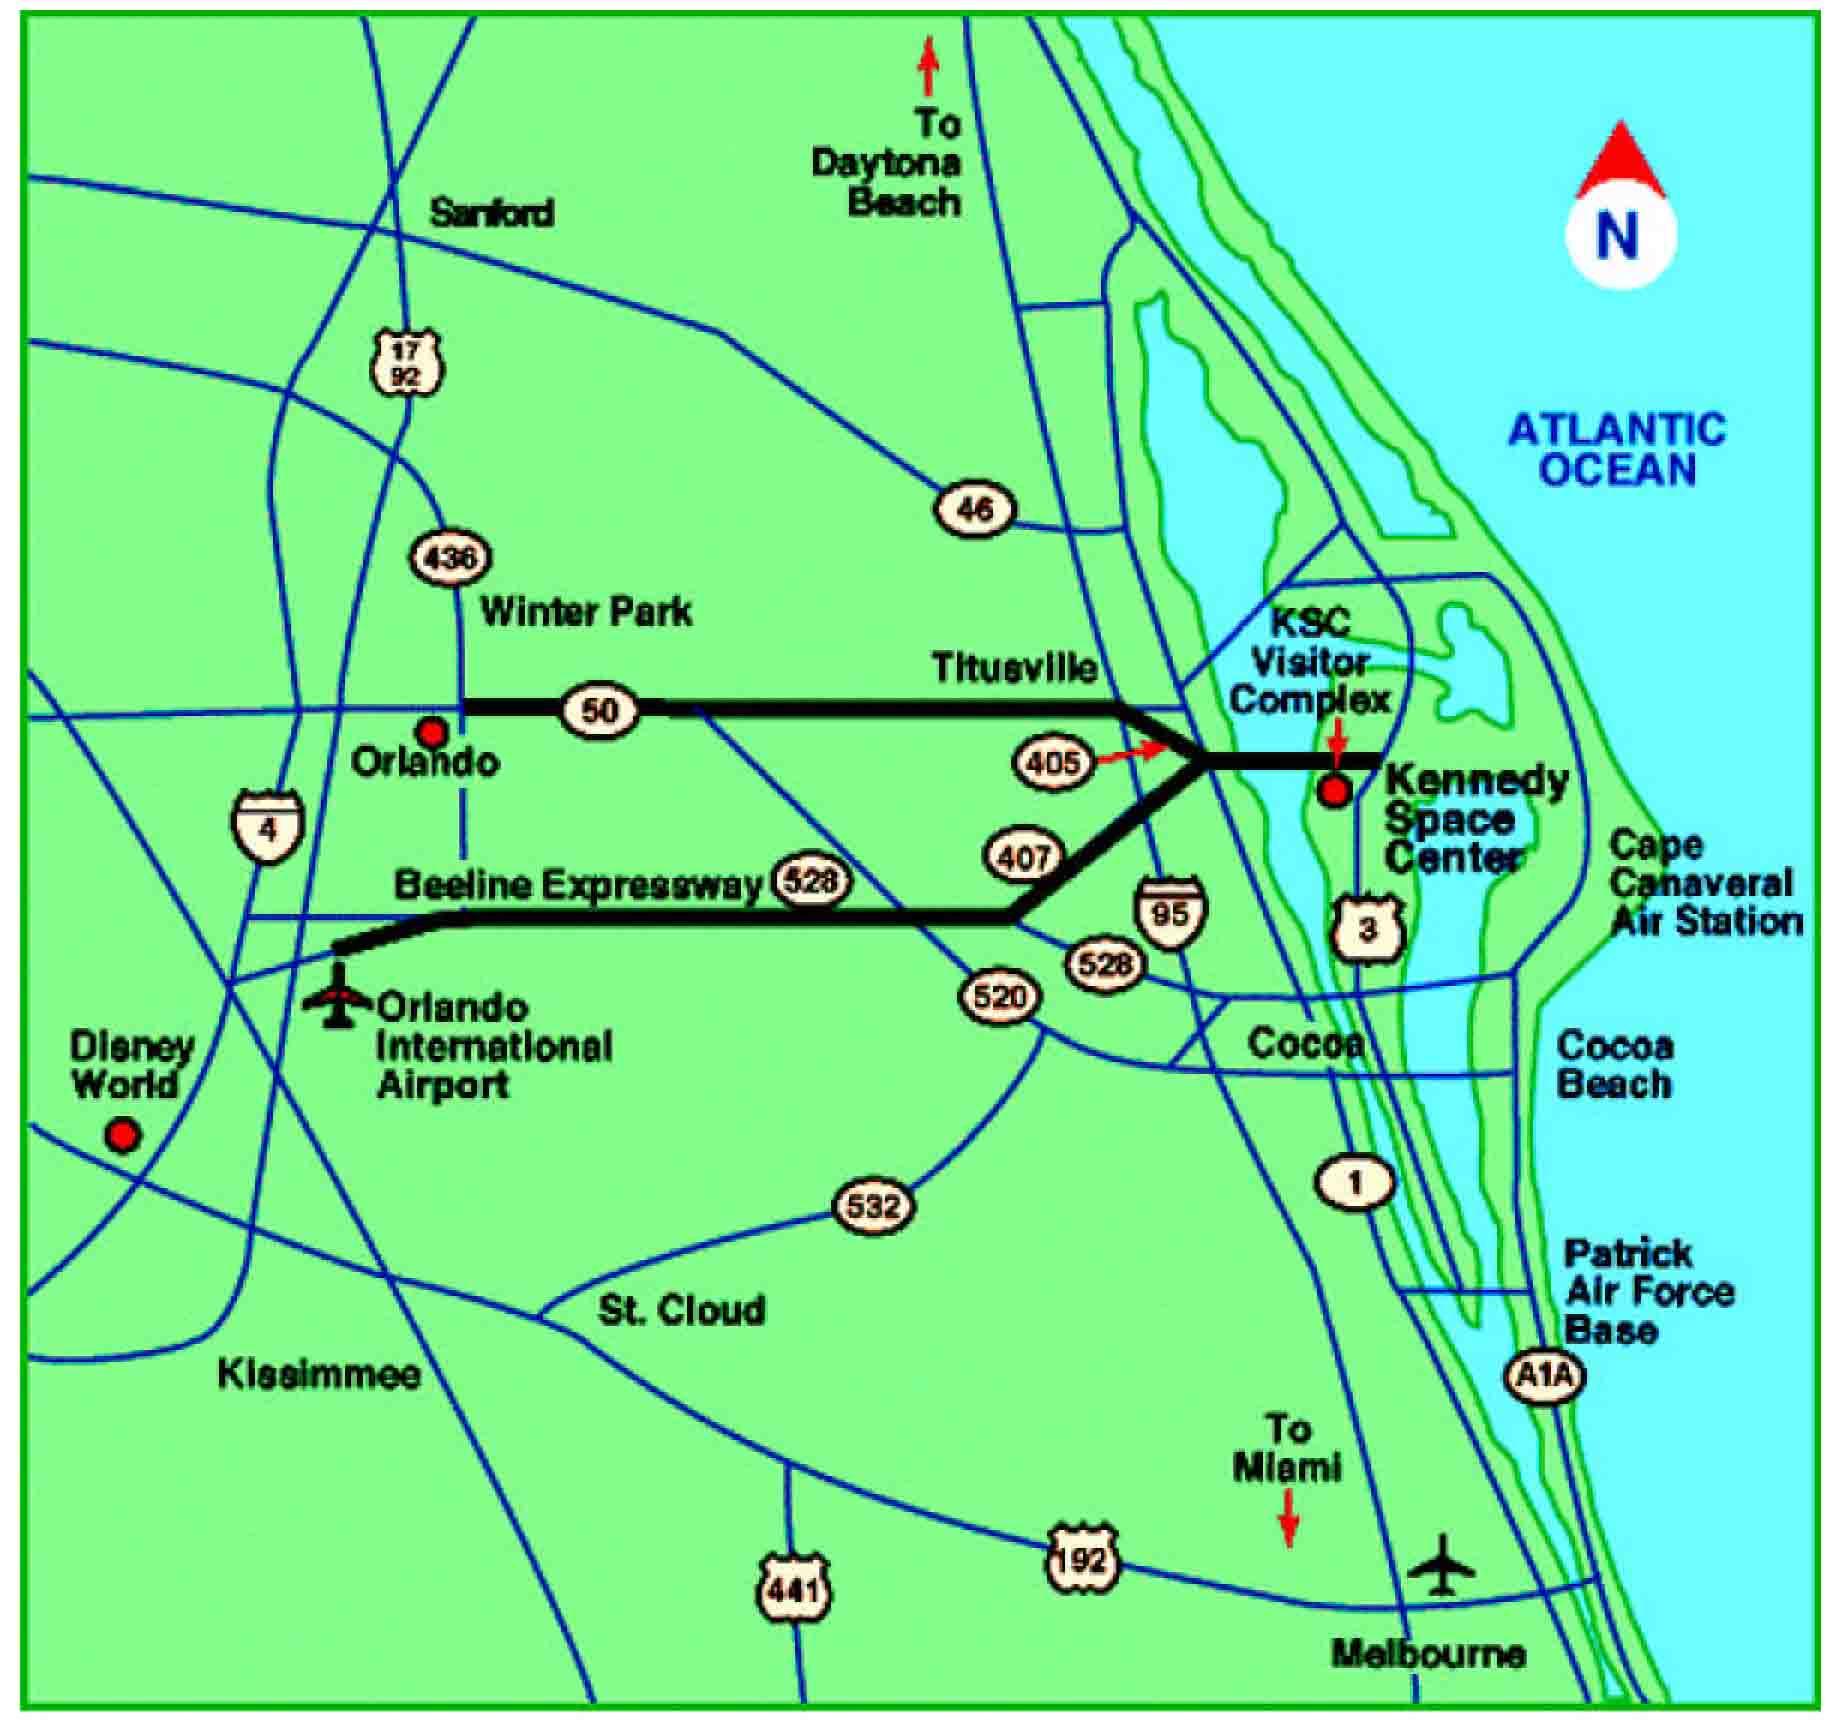 nasa kennedy center in florida map - photo #40